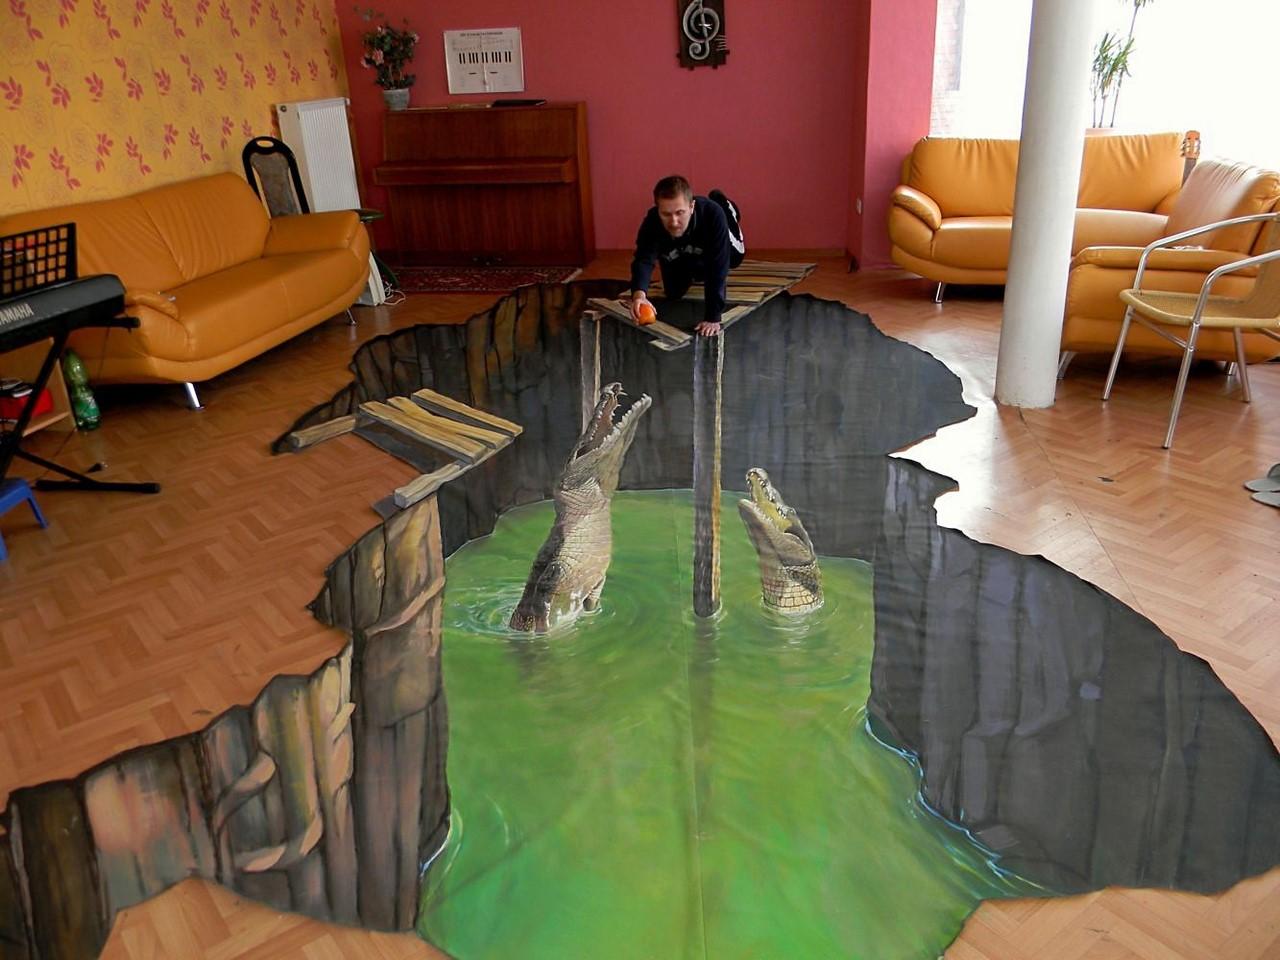 3д рисунки в комнате фото